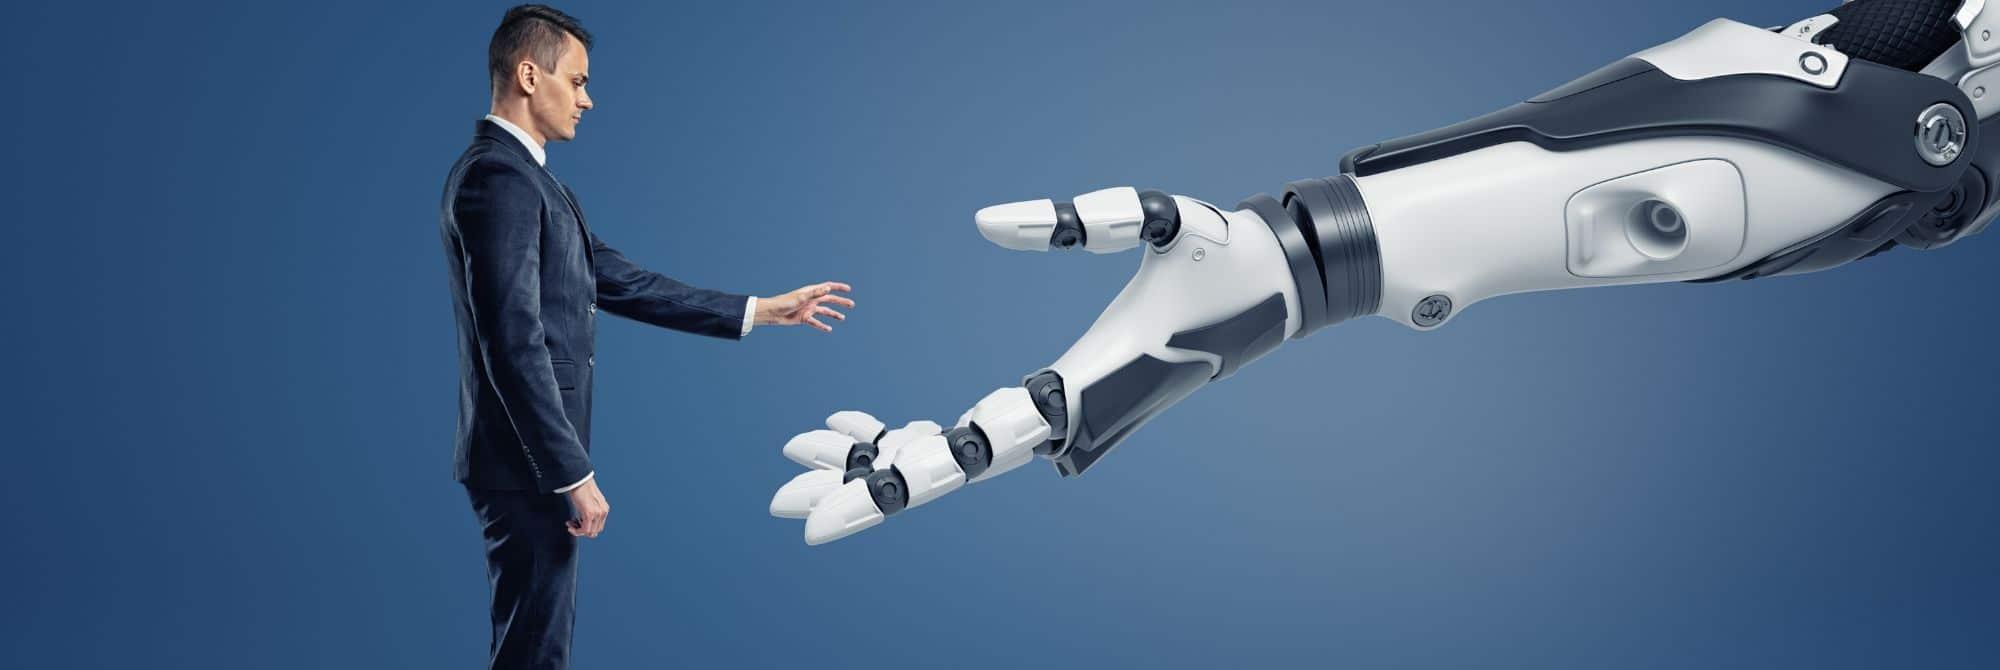 דיגיטל בוסט למה רובוט לאינסטגרם זה הפתרון השיווקי הטוב ביותר עבורכם